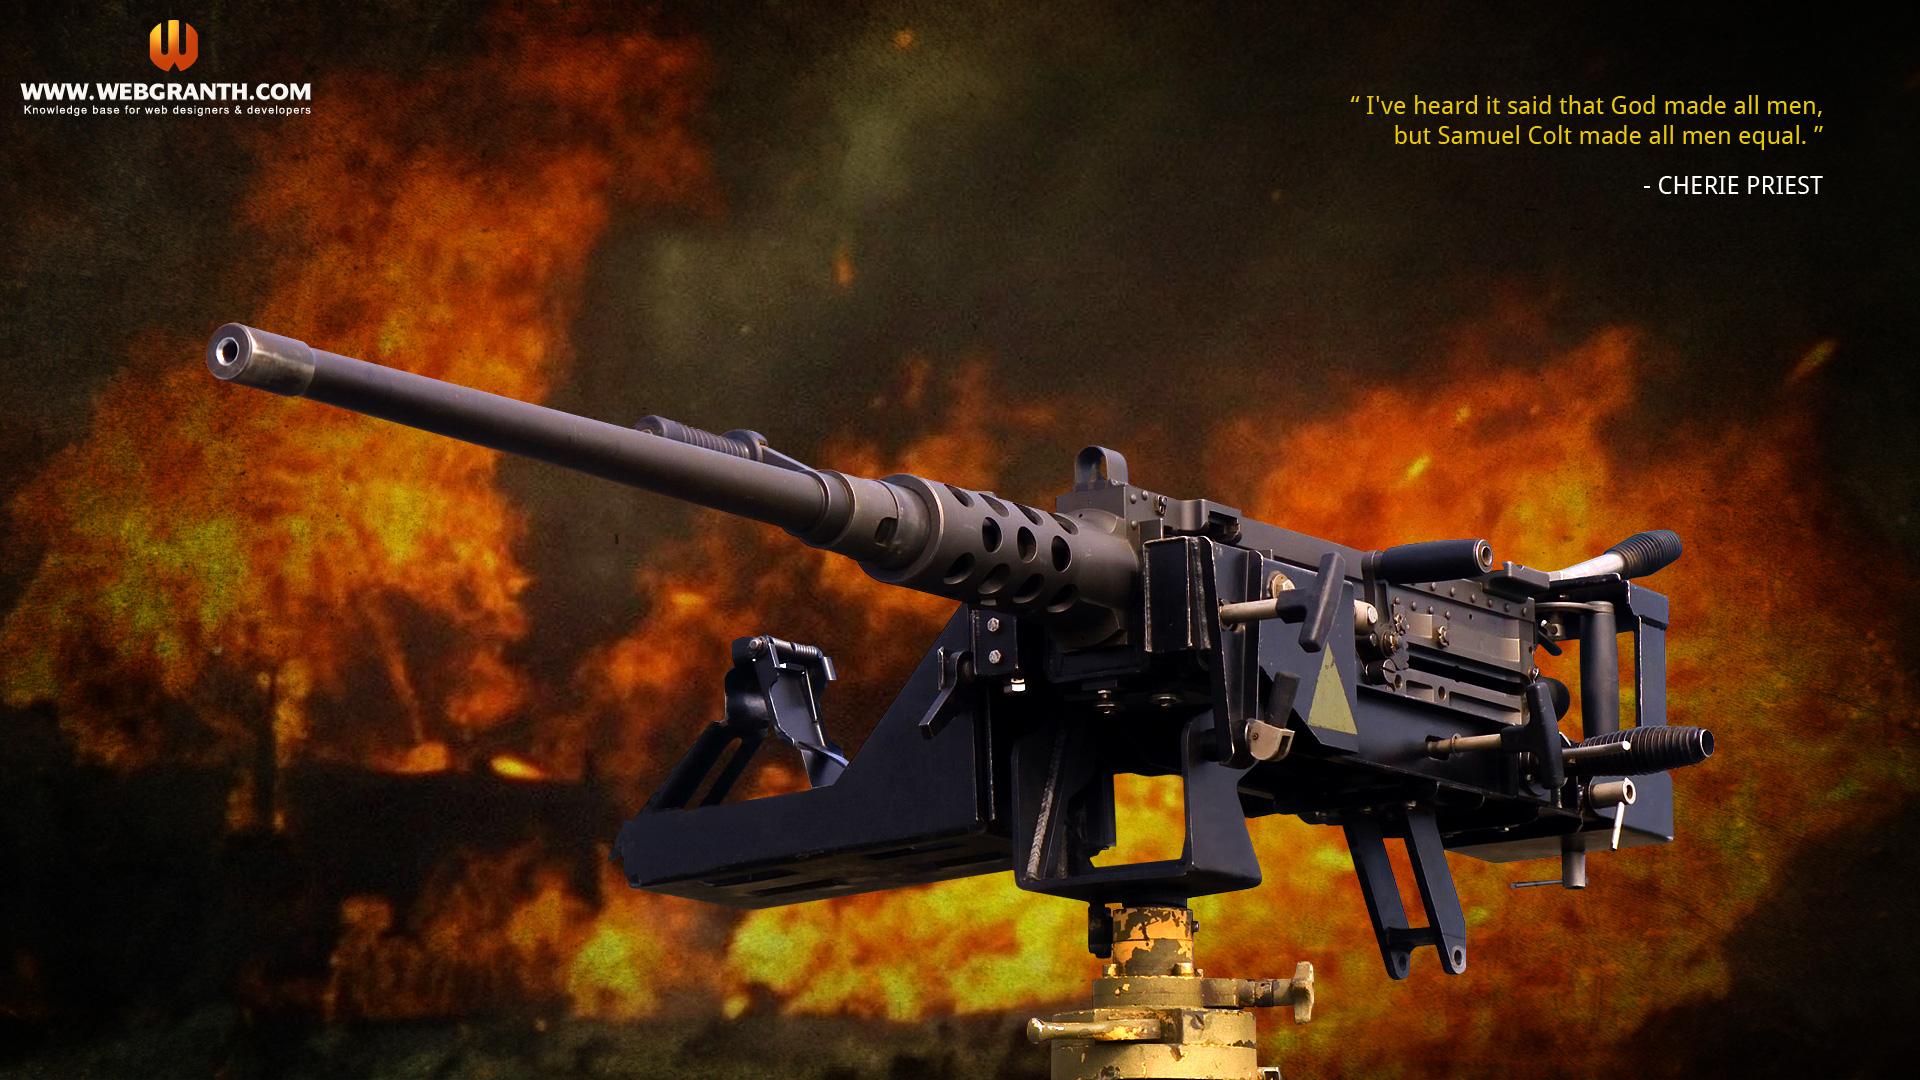 HD Guns Wallpaper Download HD Guns Weapons Wallpapers 1920x1080